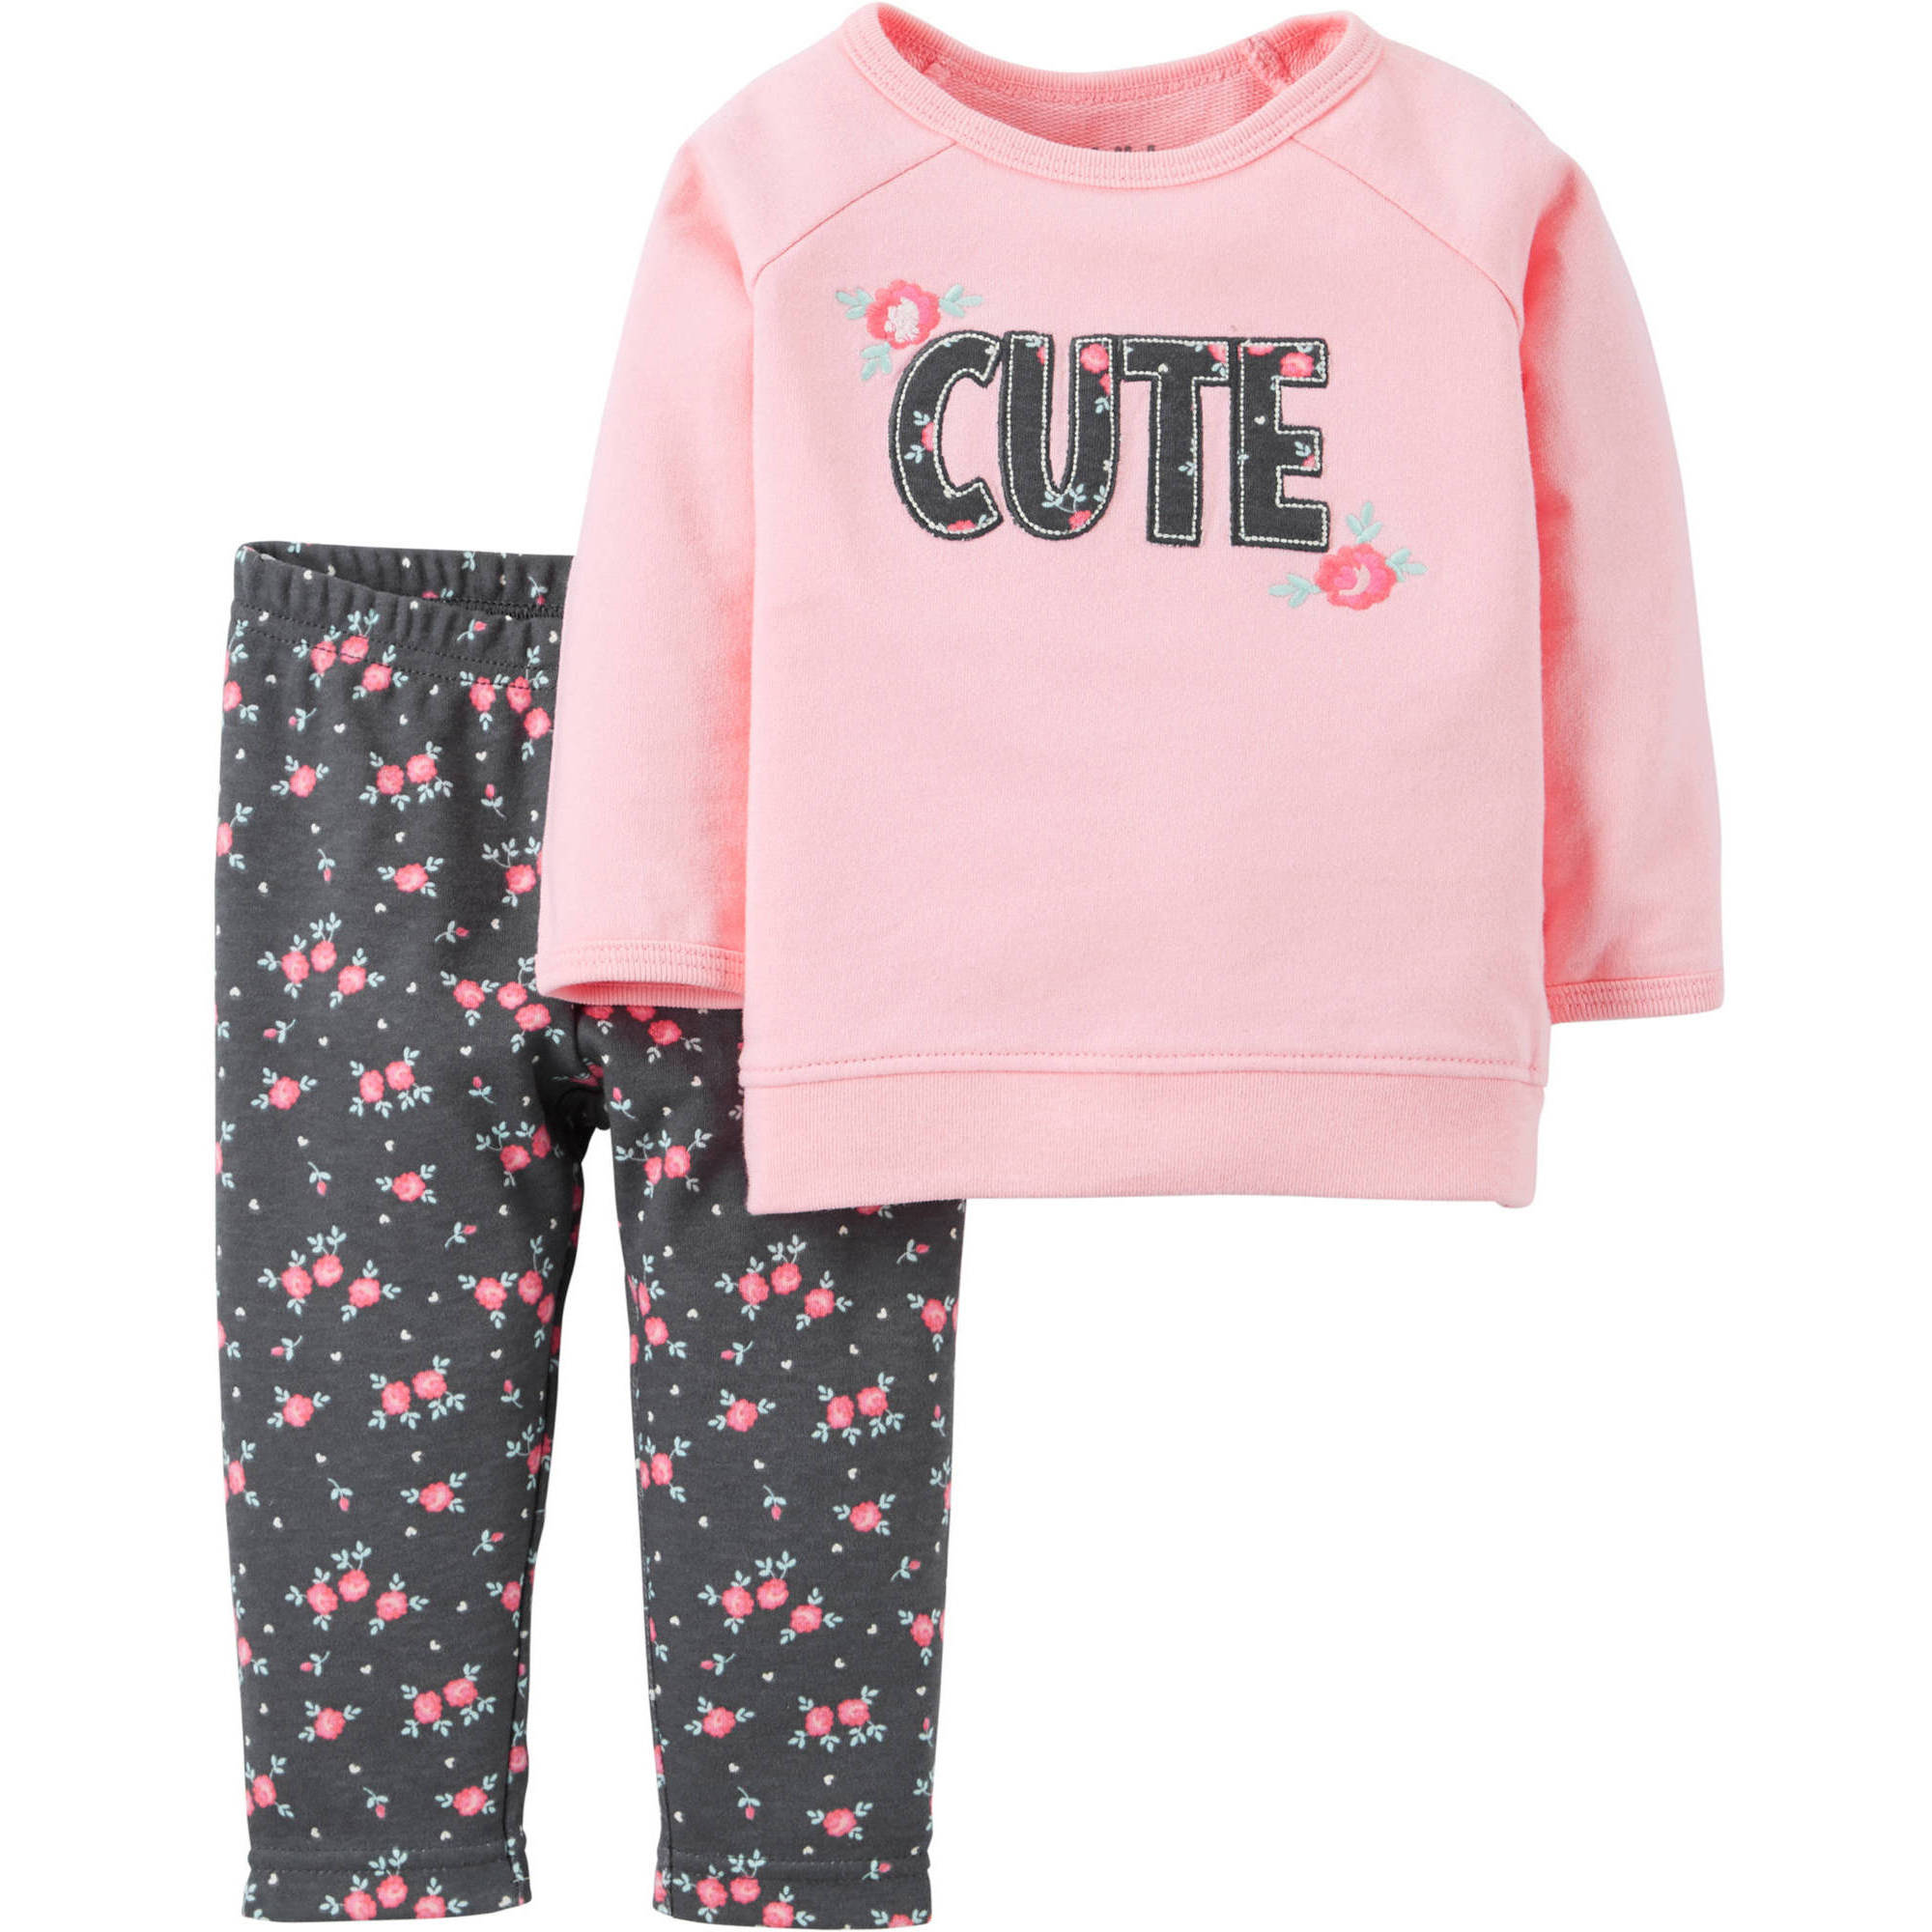 Toddler Girls' Clothing - Walmart.com